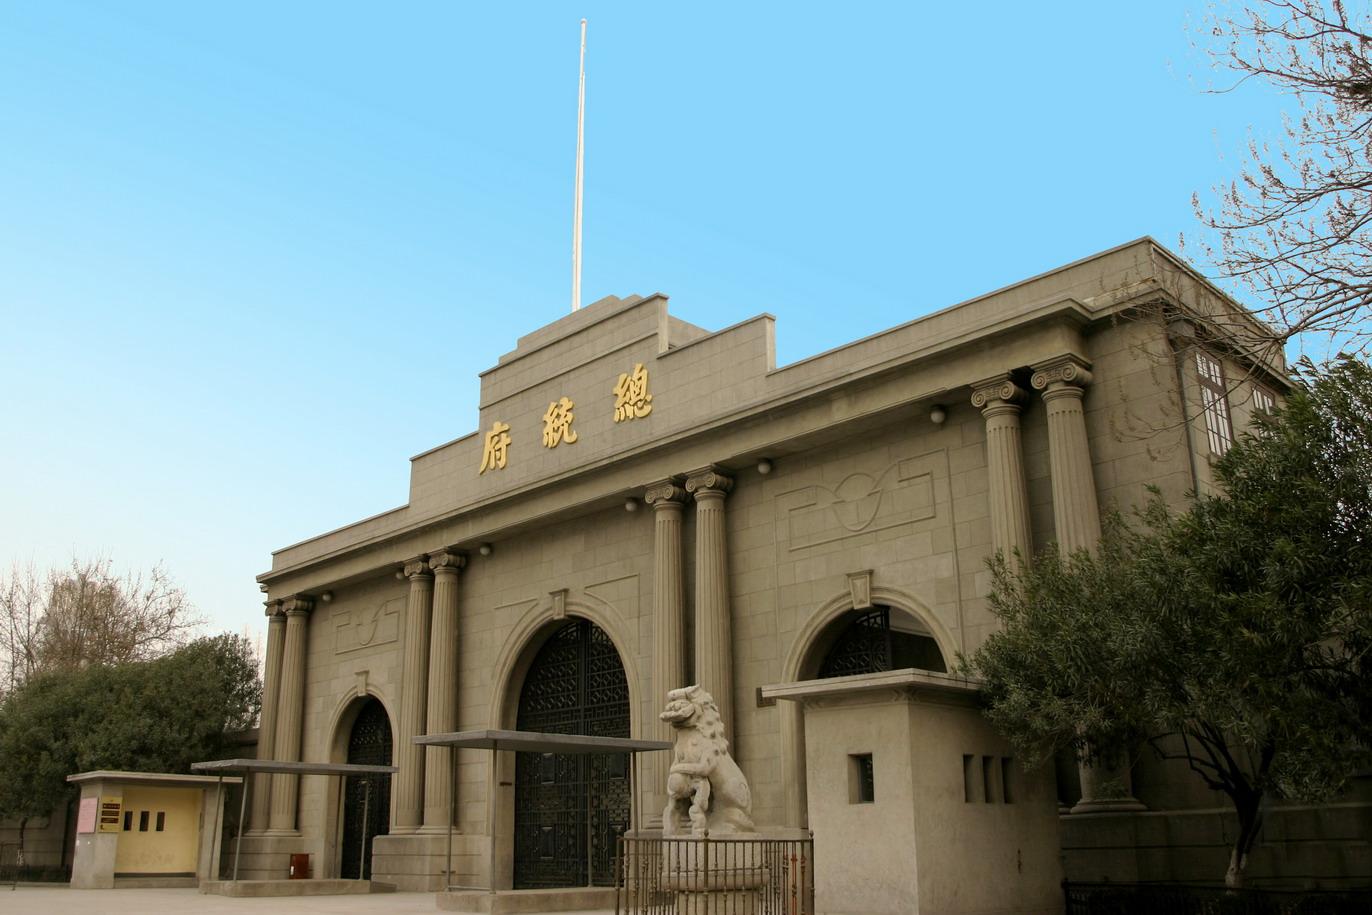 南京最 浪得虚名 景区,名气大过中山陵 总统府,当地人却不去